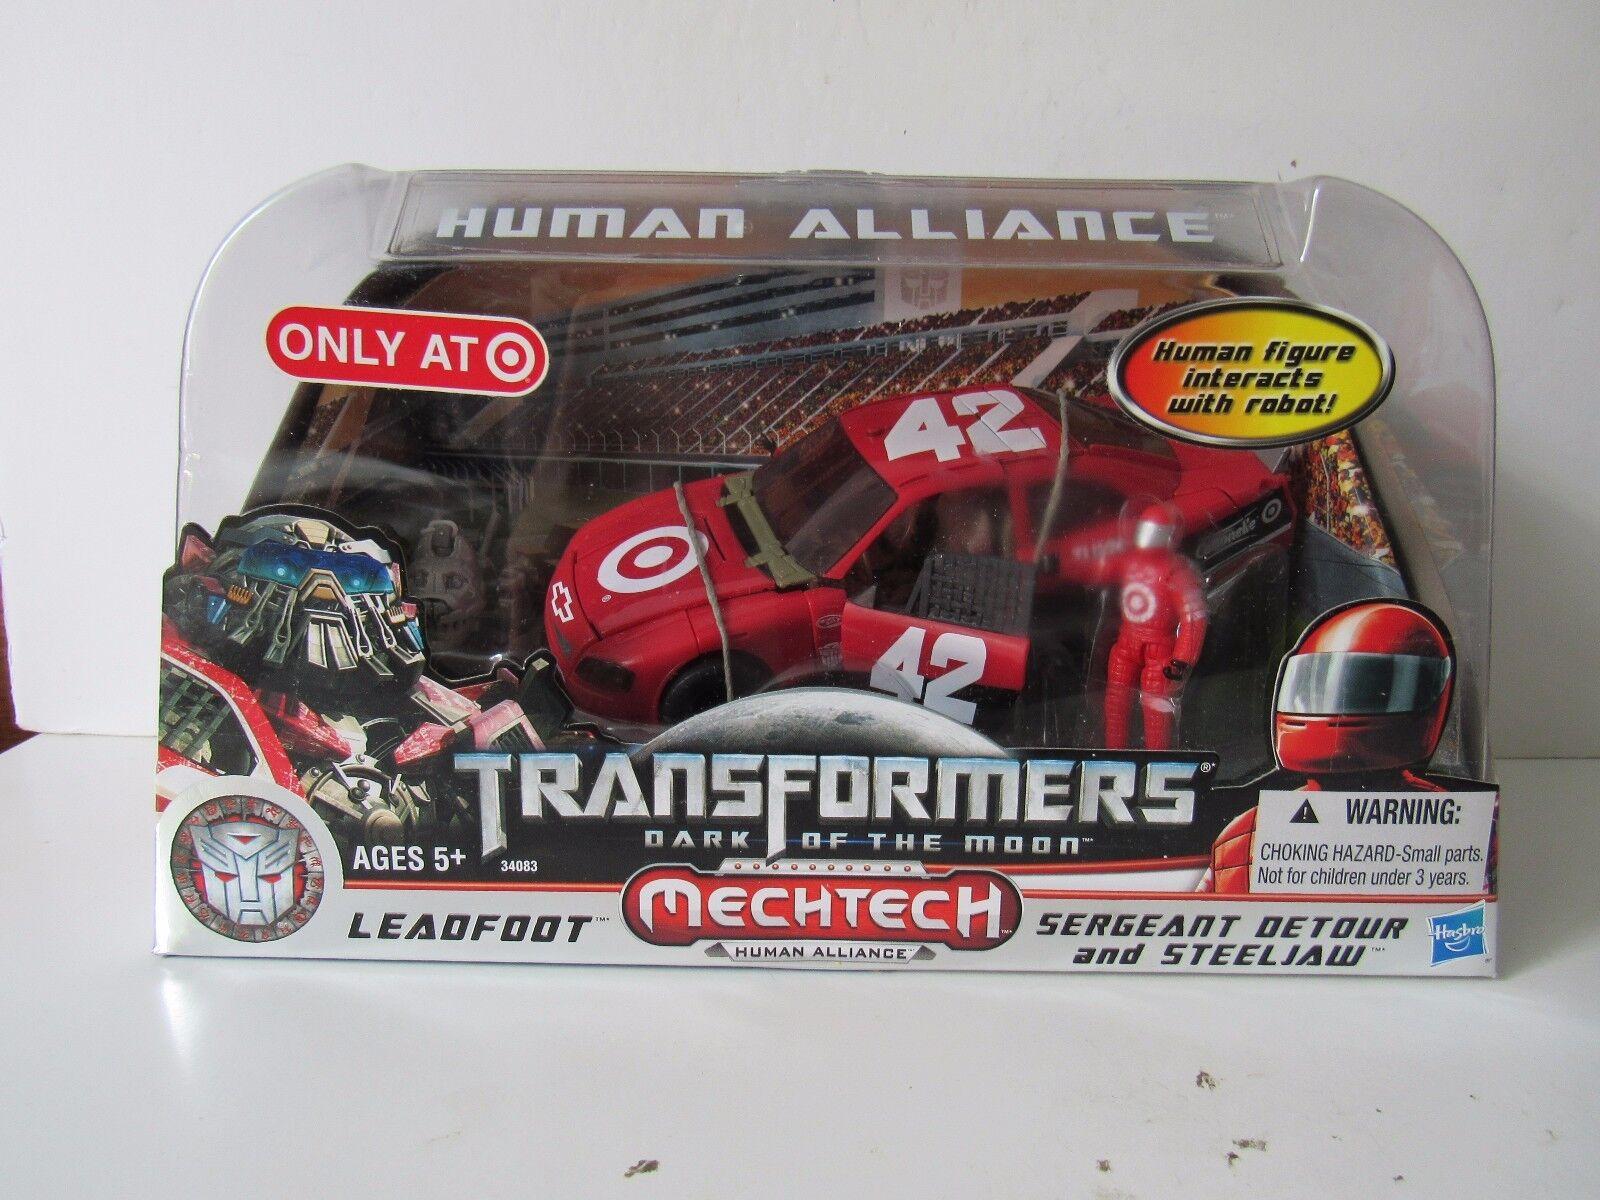 Transformers Target Exclusive DOTM Human Alliance Leadfoot w Sergeant Detour